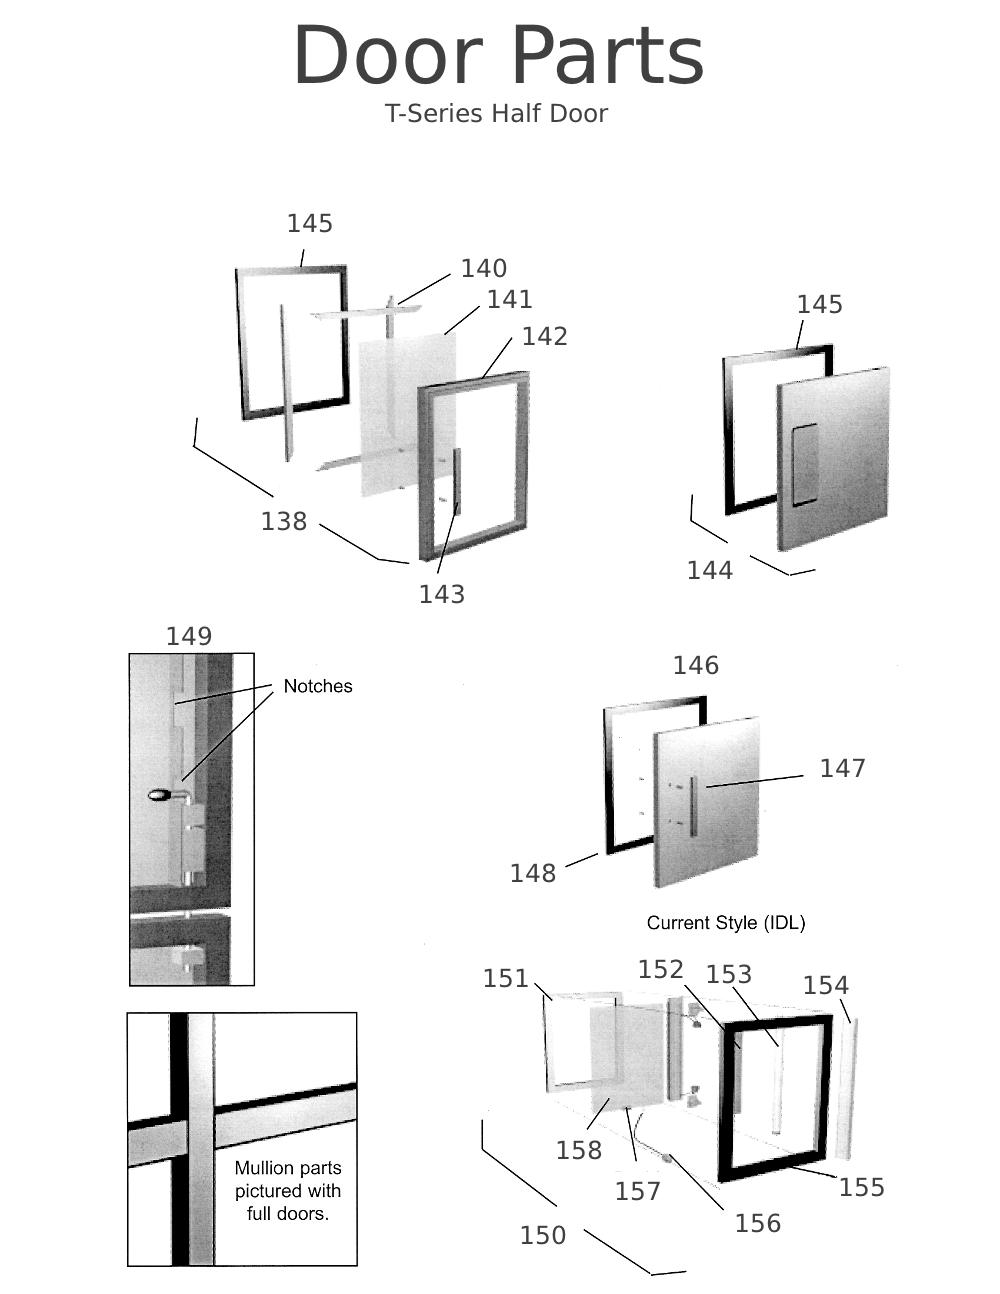 Copeland Condensing Unit Wiring Diagram. Diagram. Auto